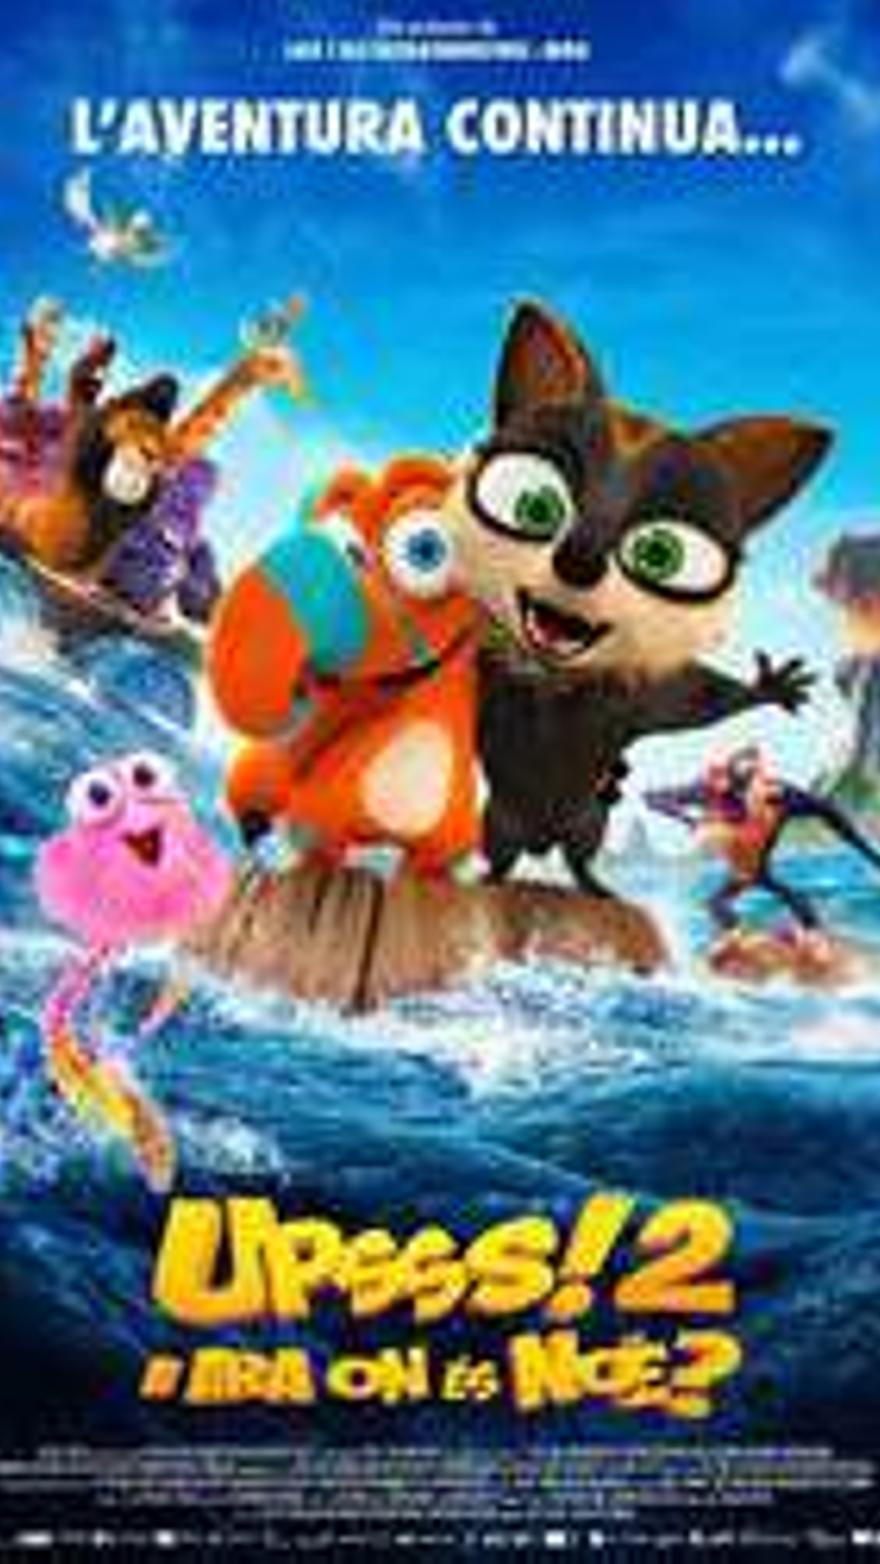 Upsss! 2: I ara on és Noè? L'aventura continua